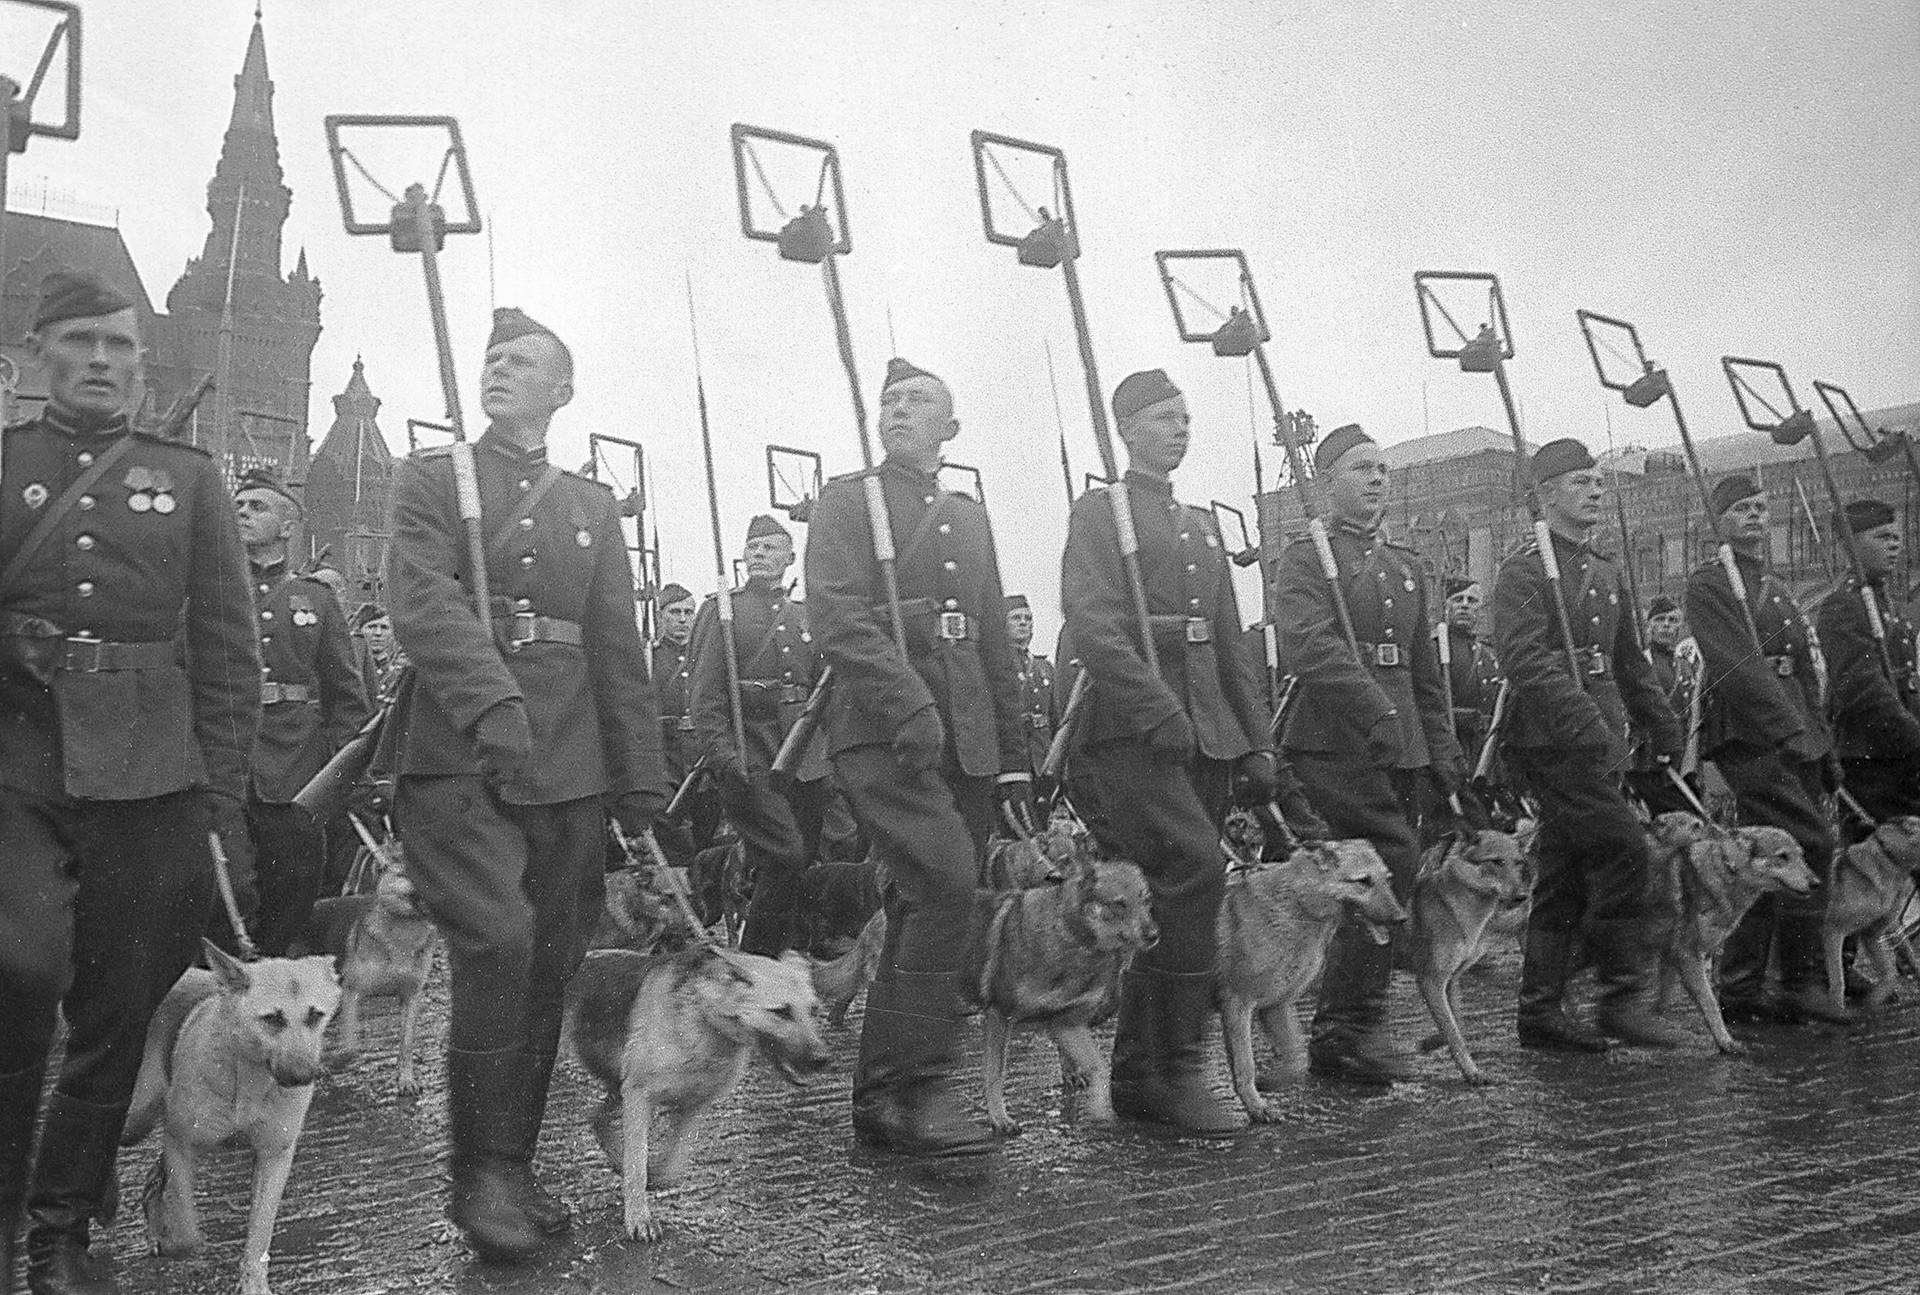 Припадници на службата за деминирање со кучиња на Парадата на Победа на Црвениот плоштад во Москва.